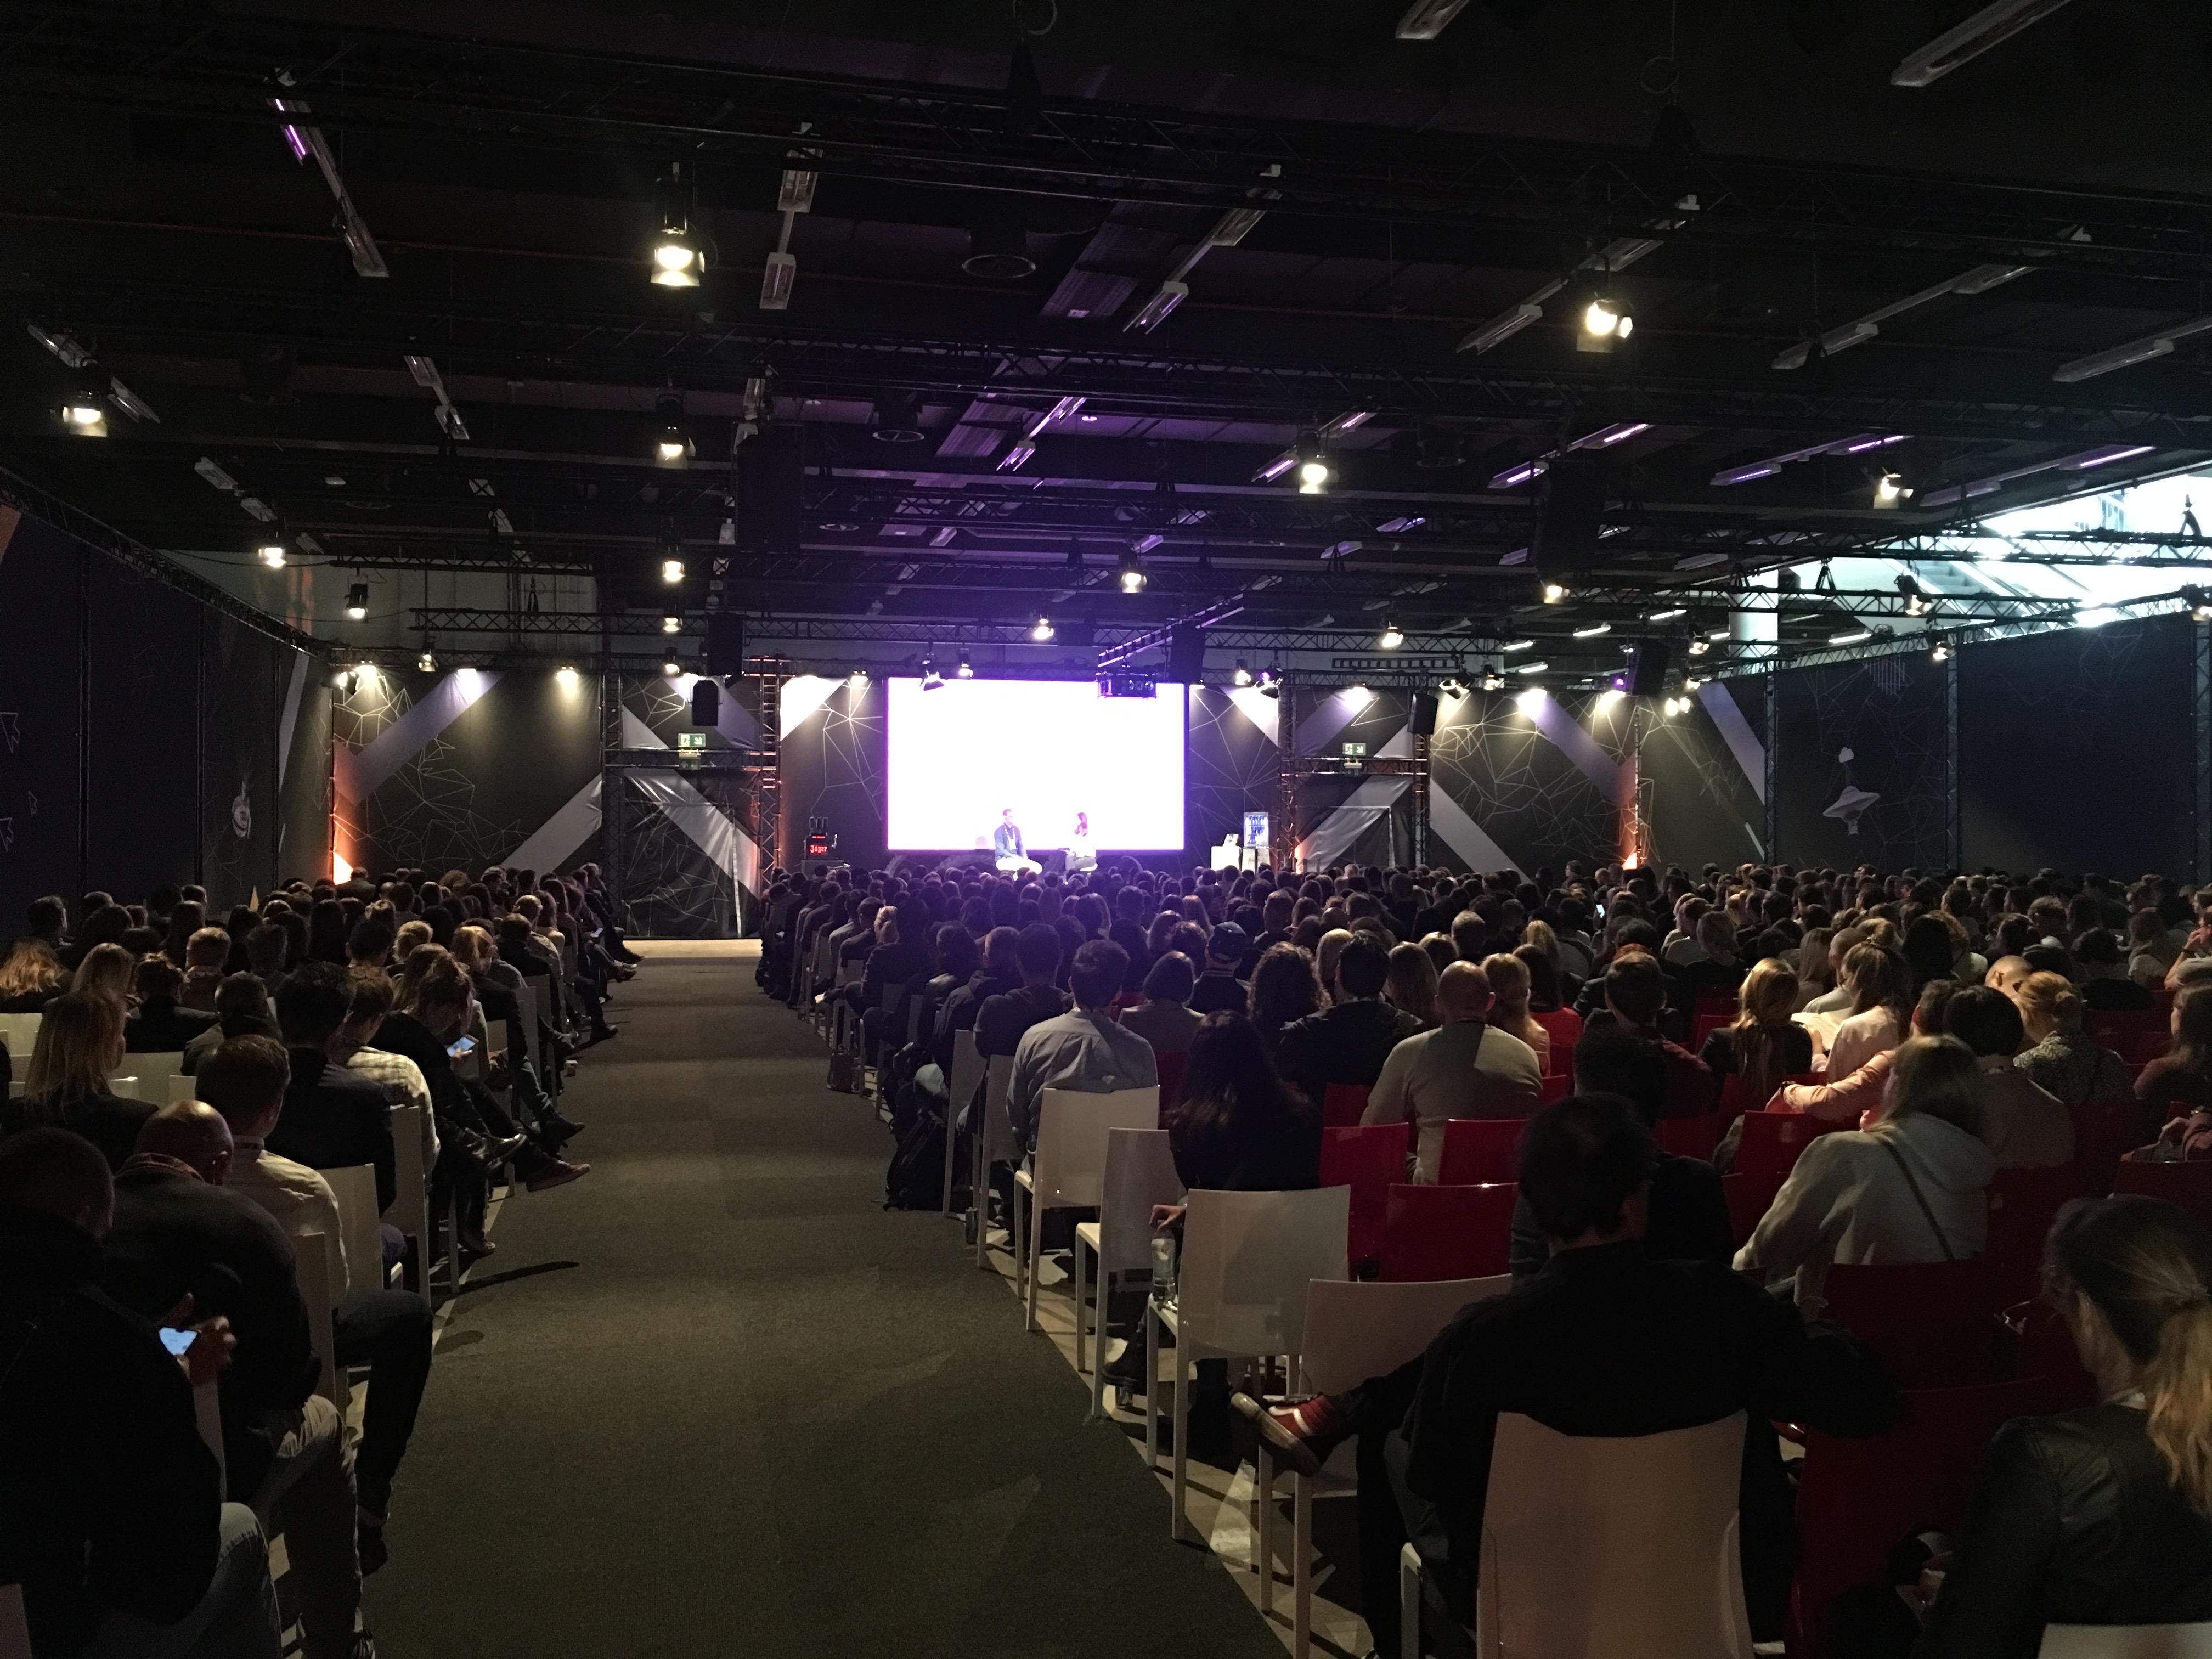 Foto do evento OMR Festival. Platéia com muitas pessoas sentadas e no fundo um telão e o palco do evento. No palco duas pessoas sentadas em cadeiras.